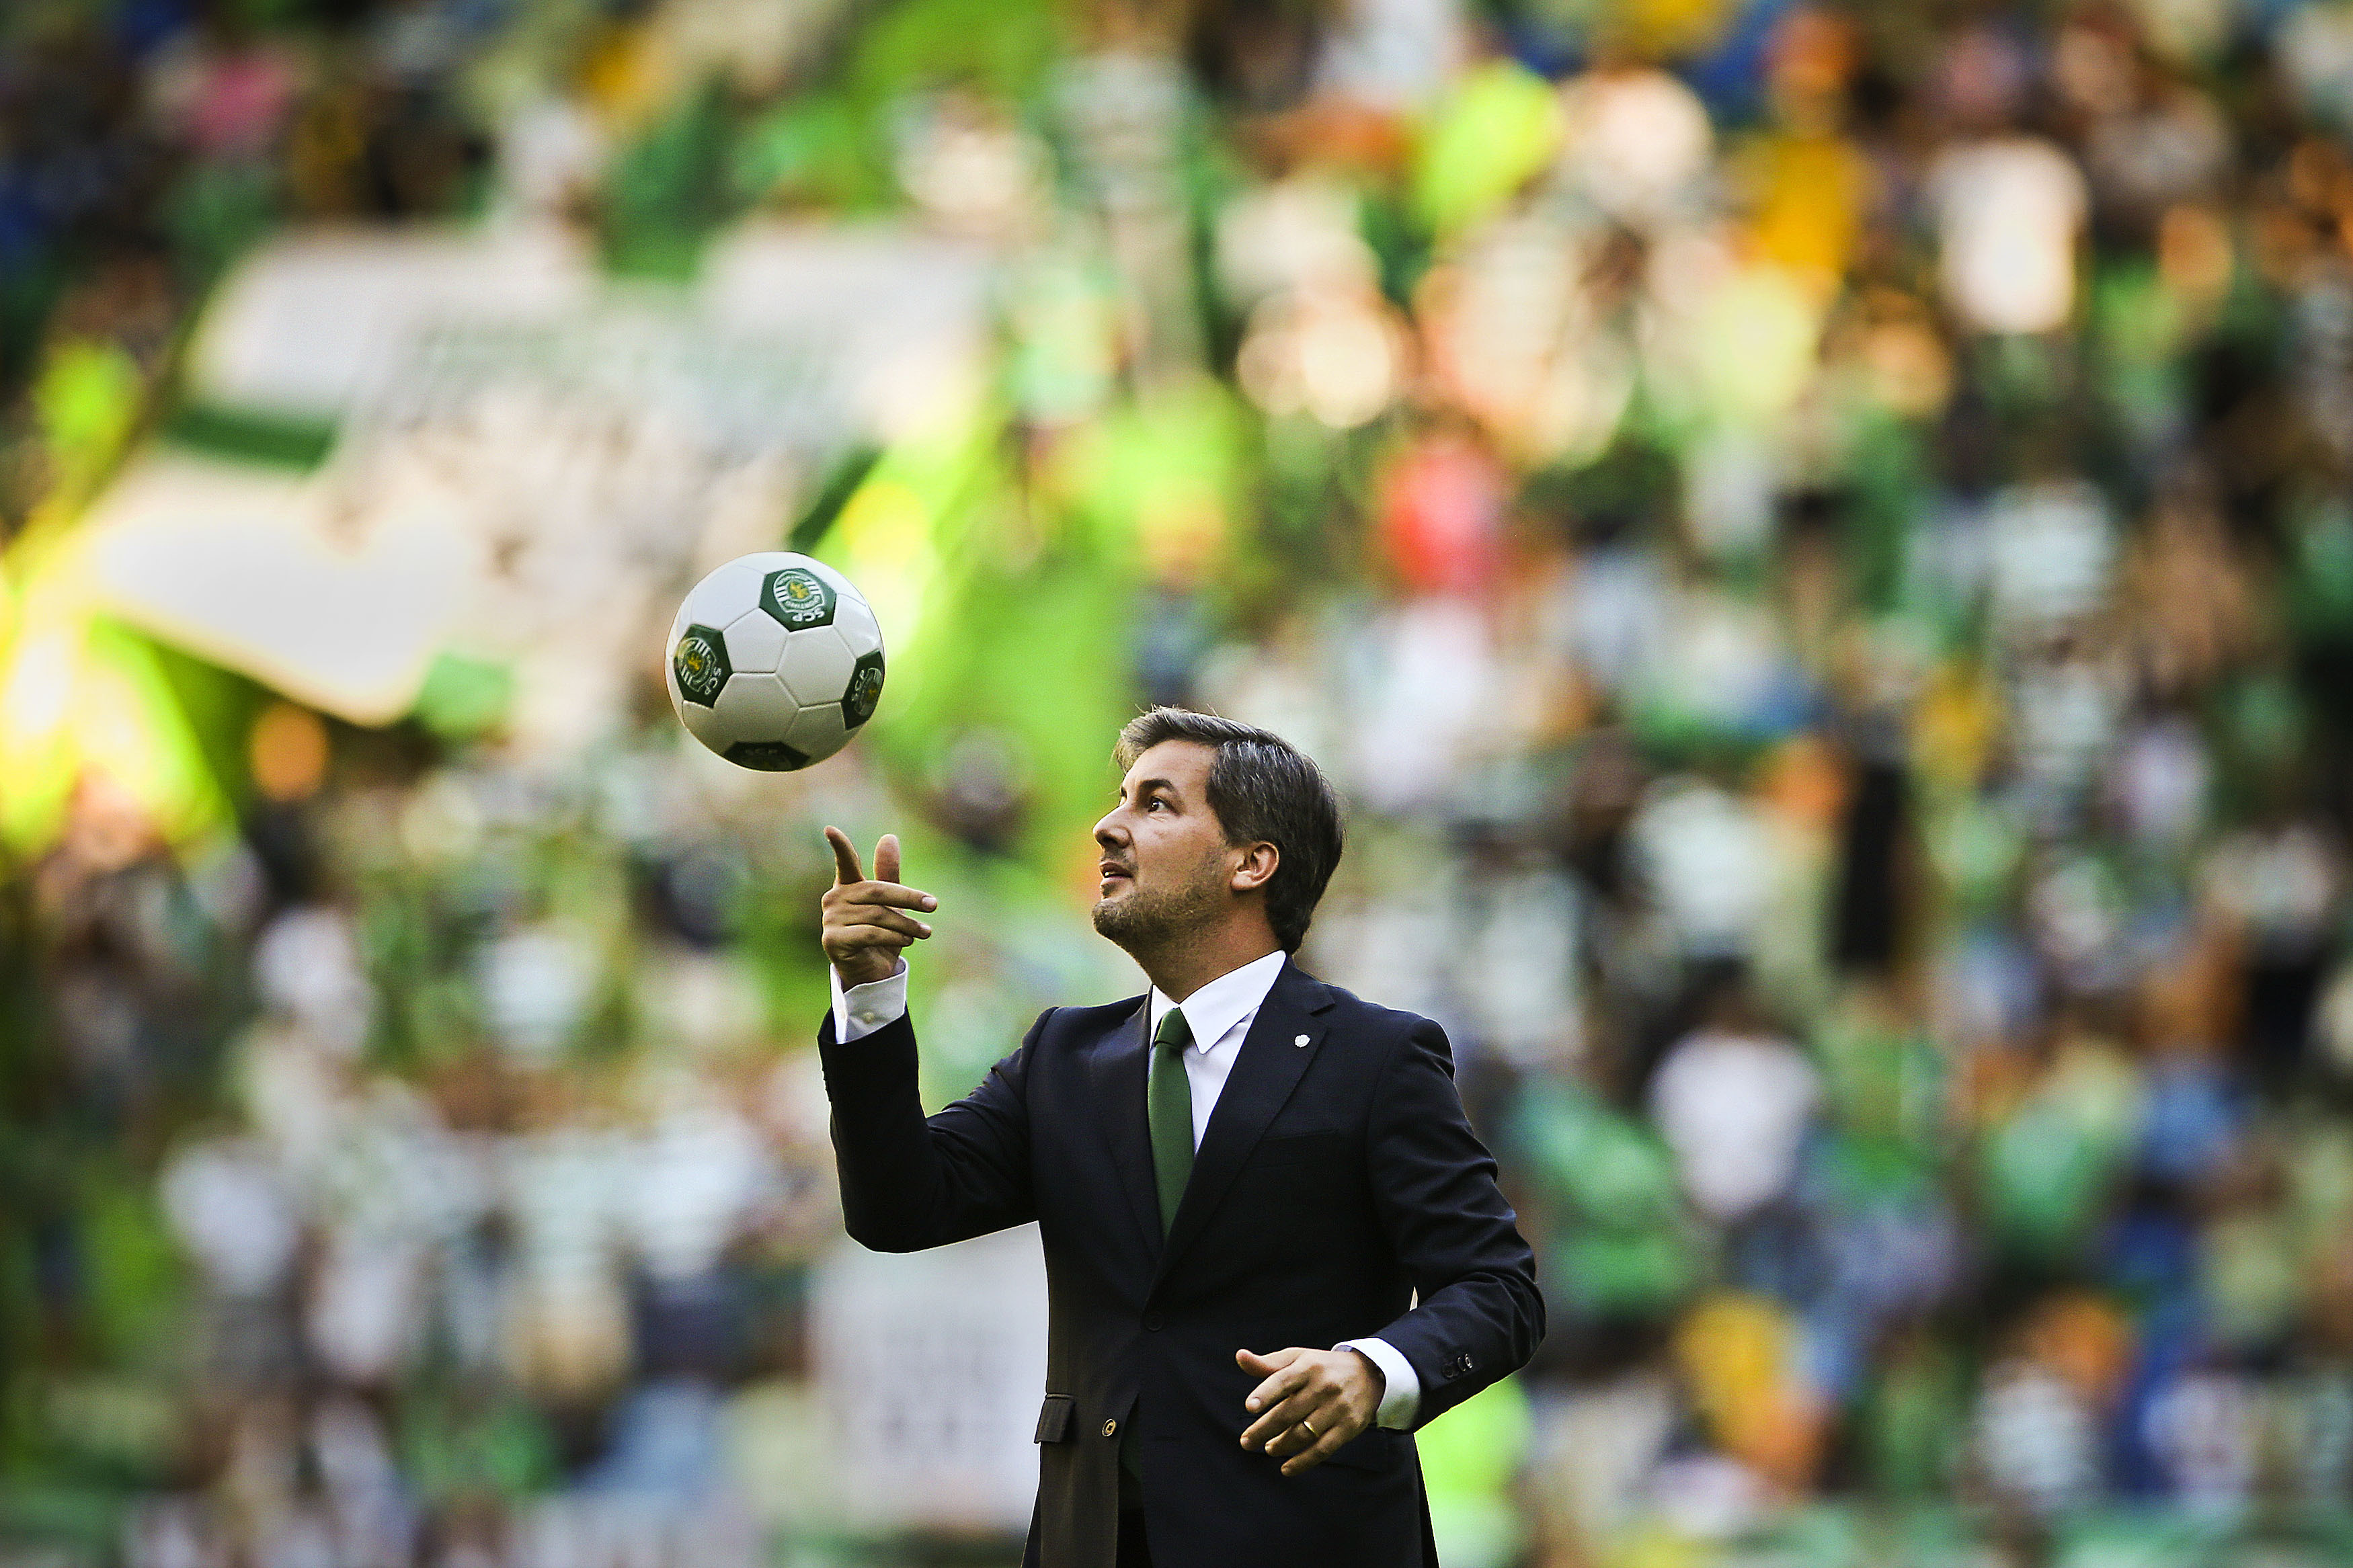 """A dimensão política de Bruno de Carvalho, o """"populista"""": lá fora chamam-no de Donald Trump português"""